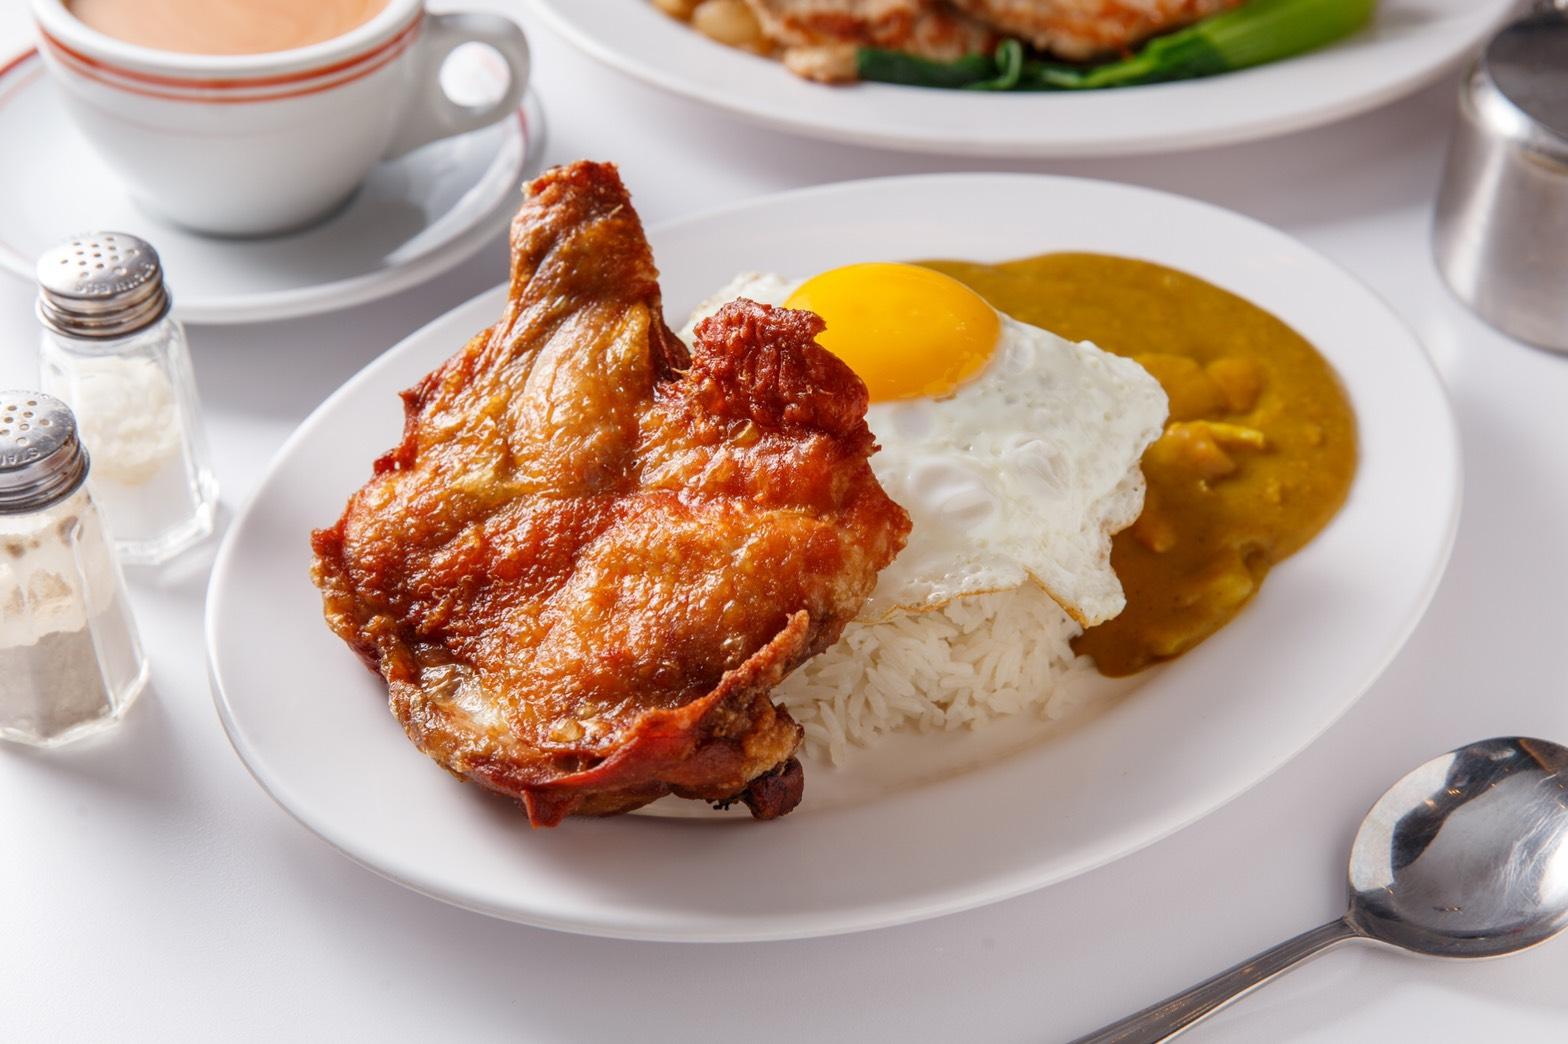 正宗香港茶餐廳-萬芳冰室 比臉大生炸雞腿一元請你吃-生活-HiNet生活誌